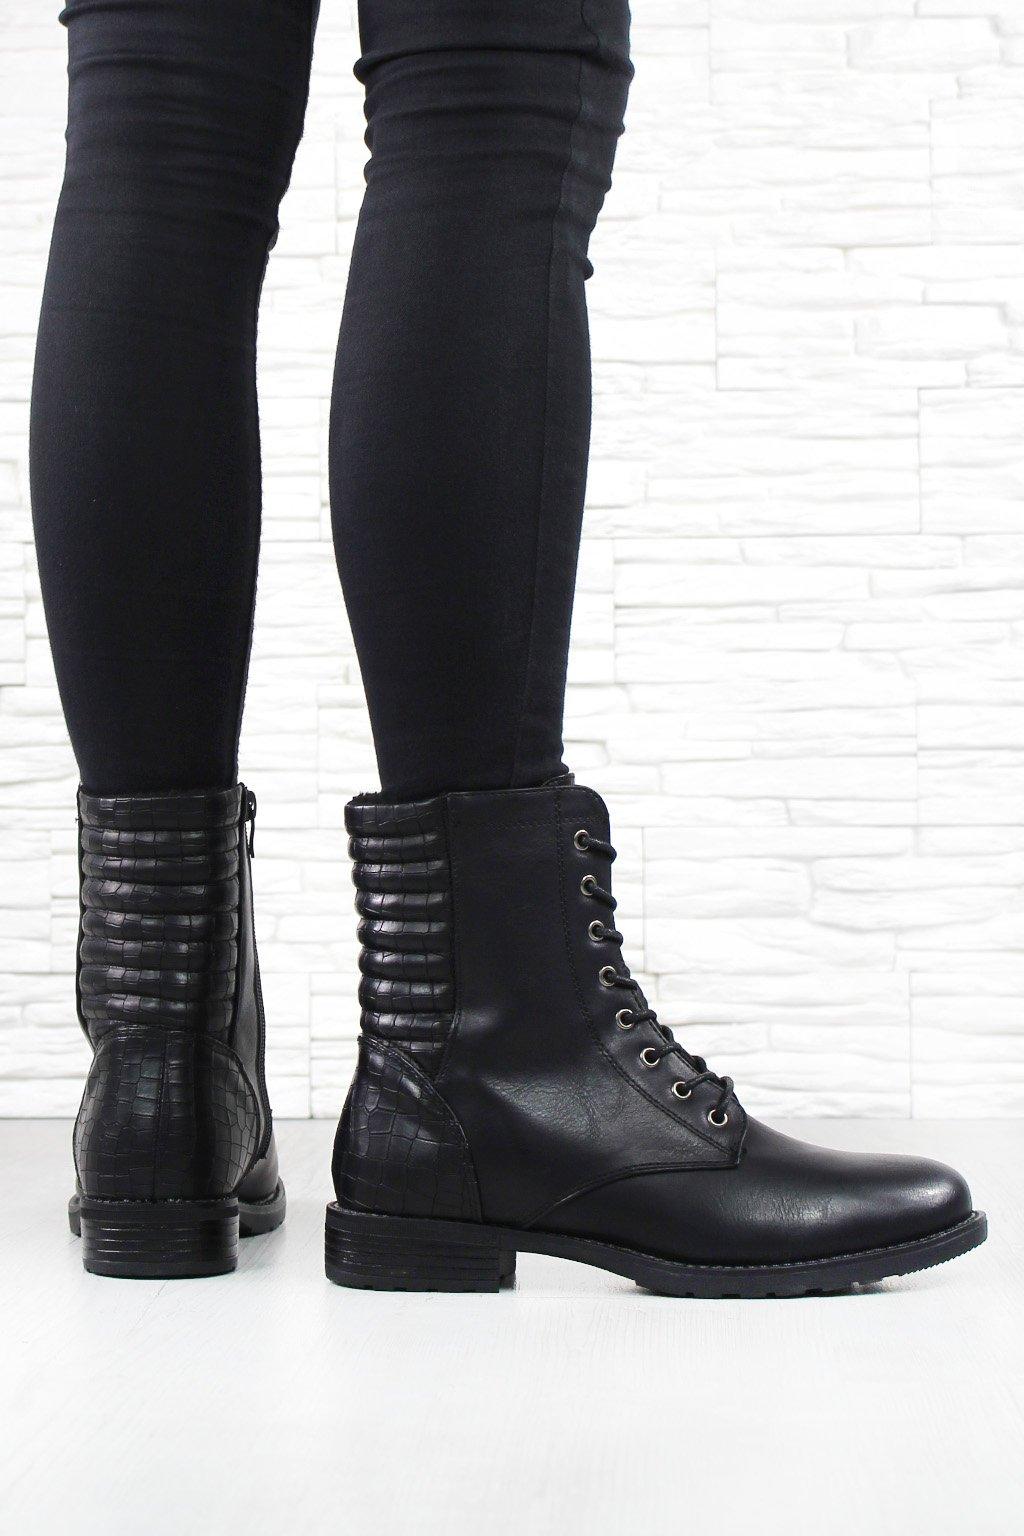 Dámské kotníkové boty GY9905 1B (3)